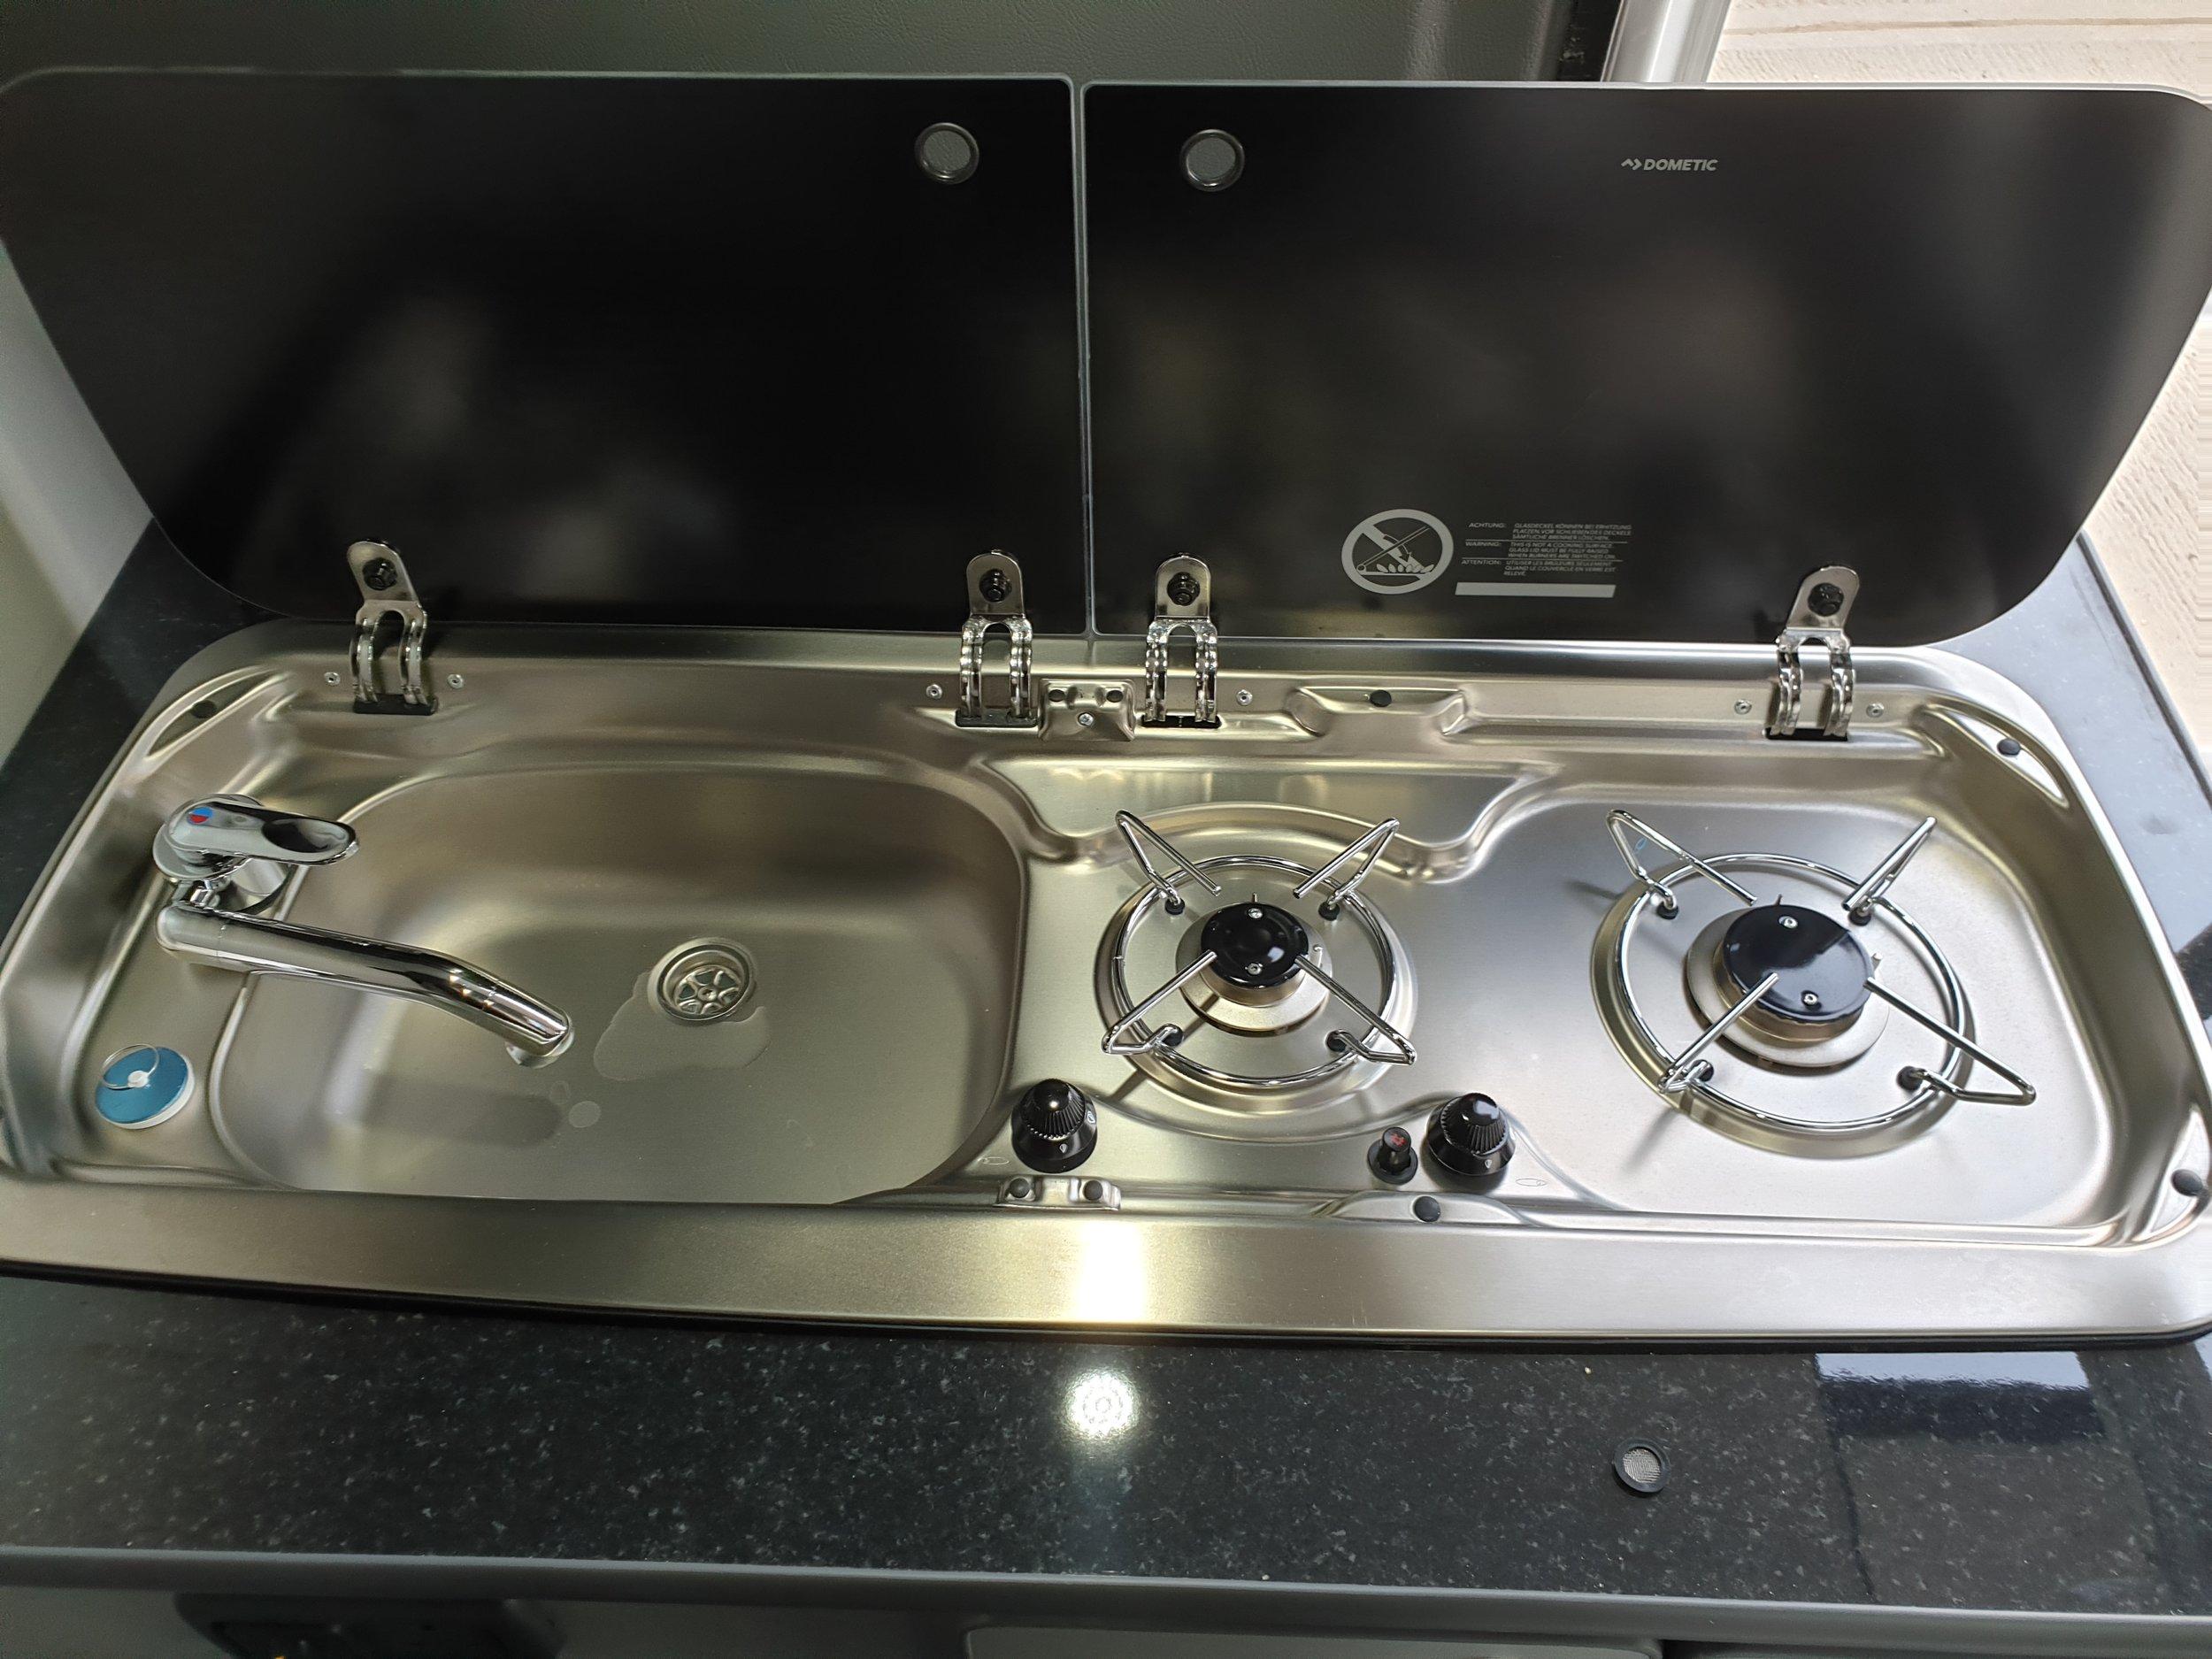 2 Hub gas stove and sink